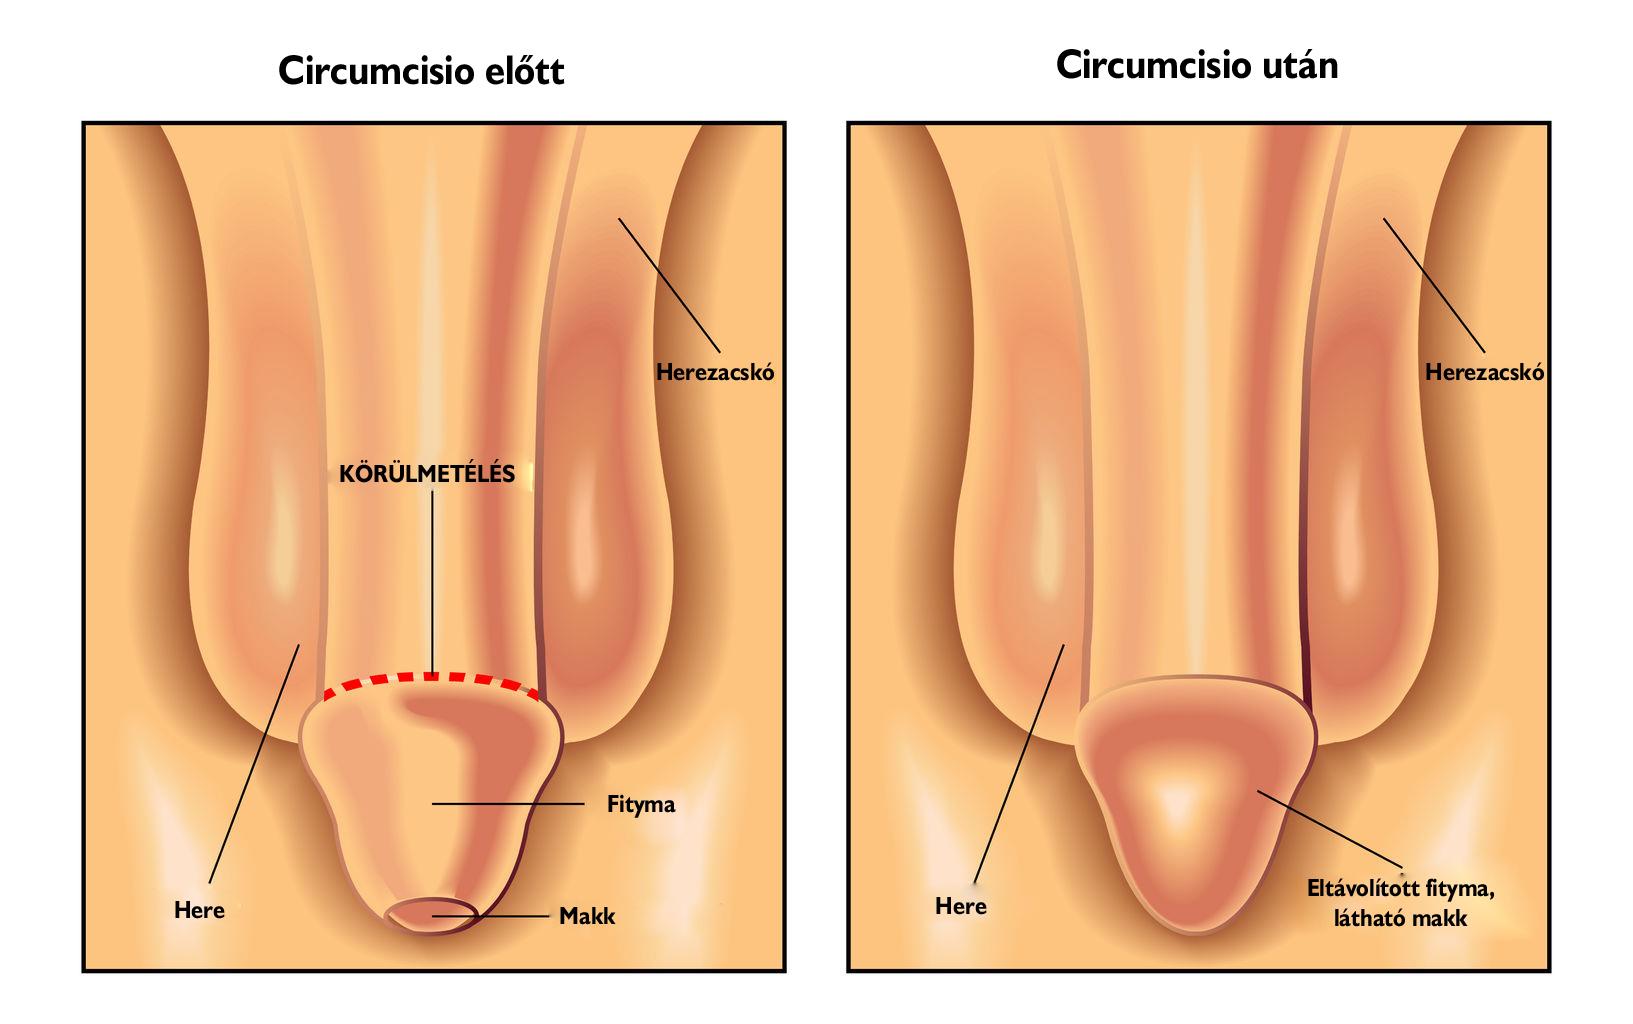 pénisz edzés után pénisz eljárás